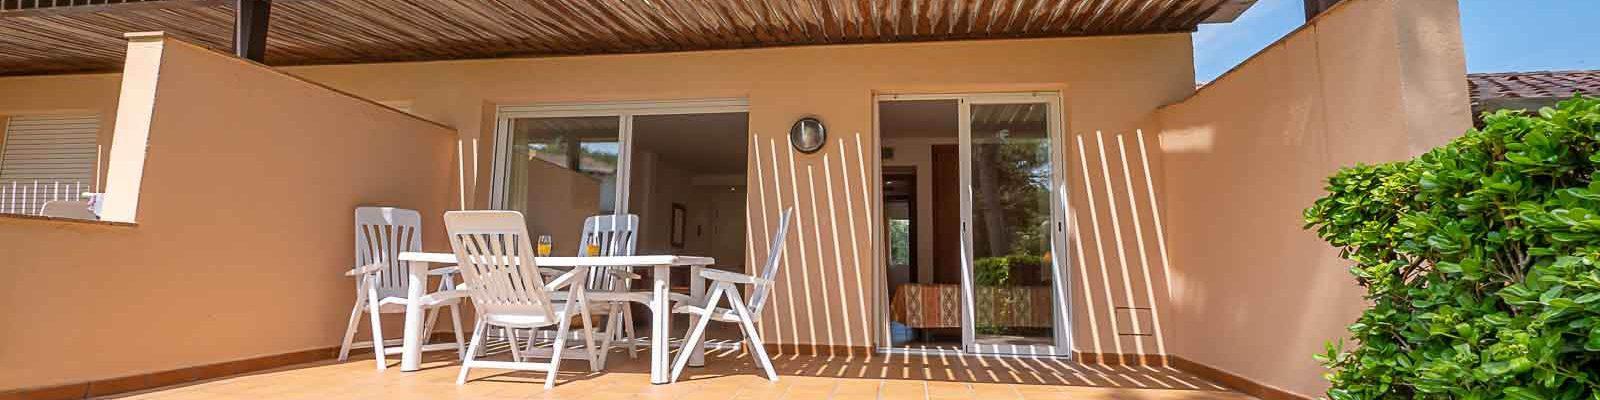 Villa 2 habitaciones terraza